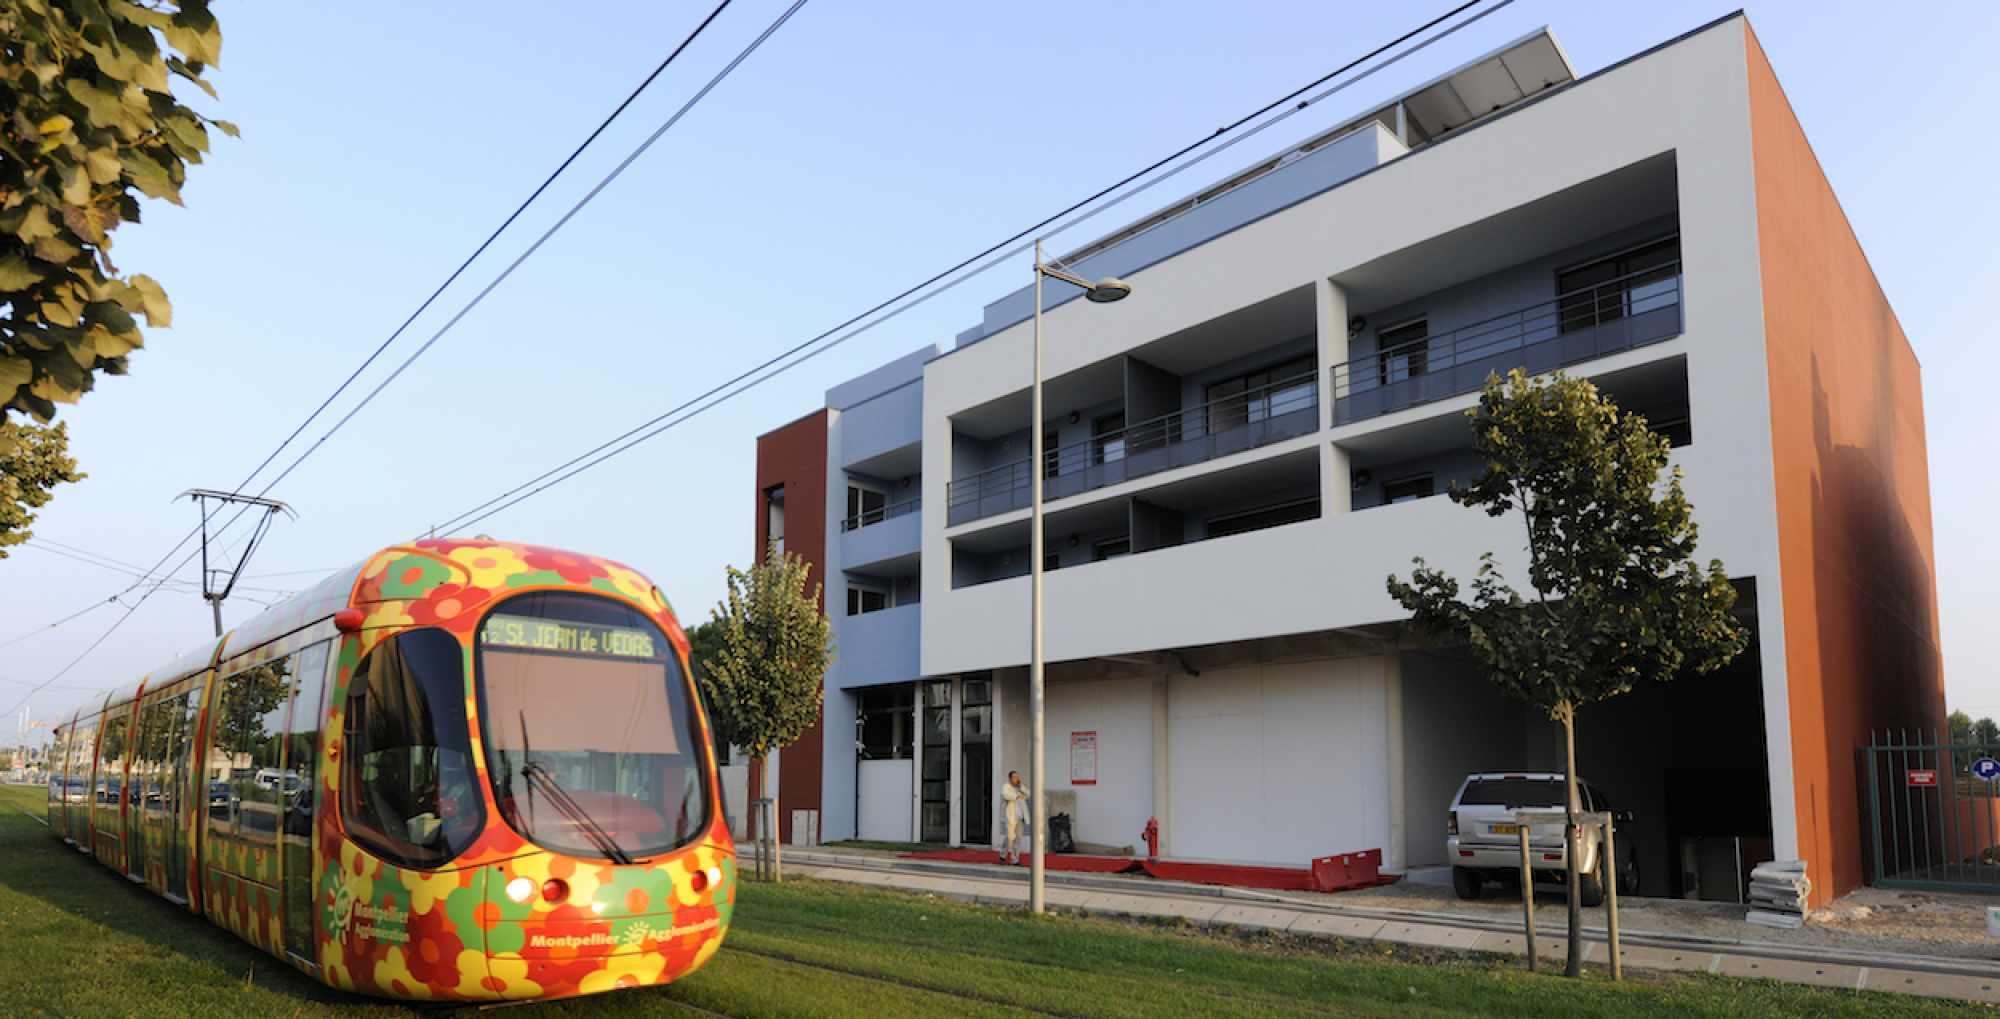 Promoteur immobilier Montpellier : choisissez un promoteur